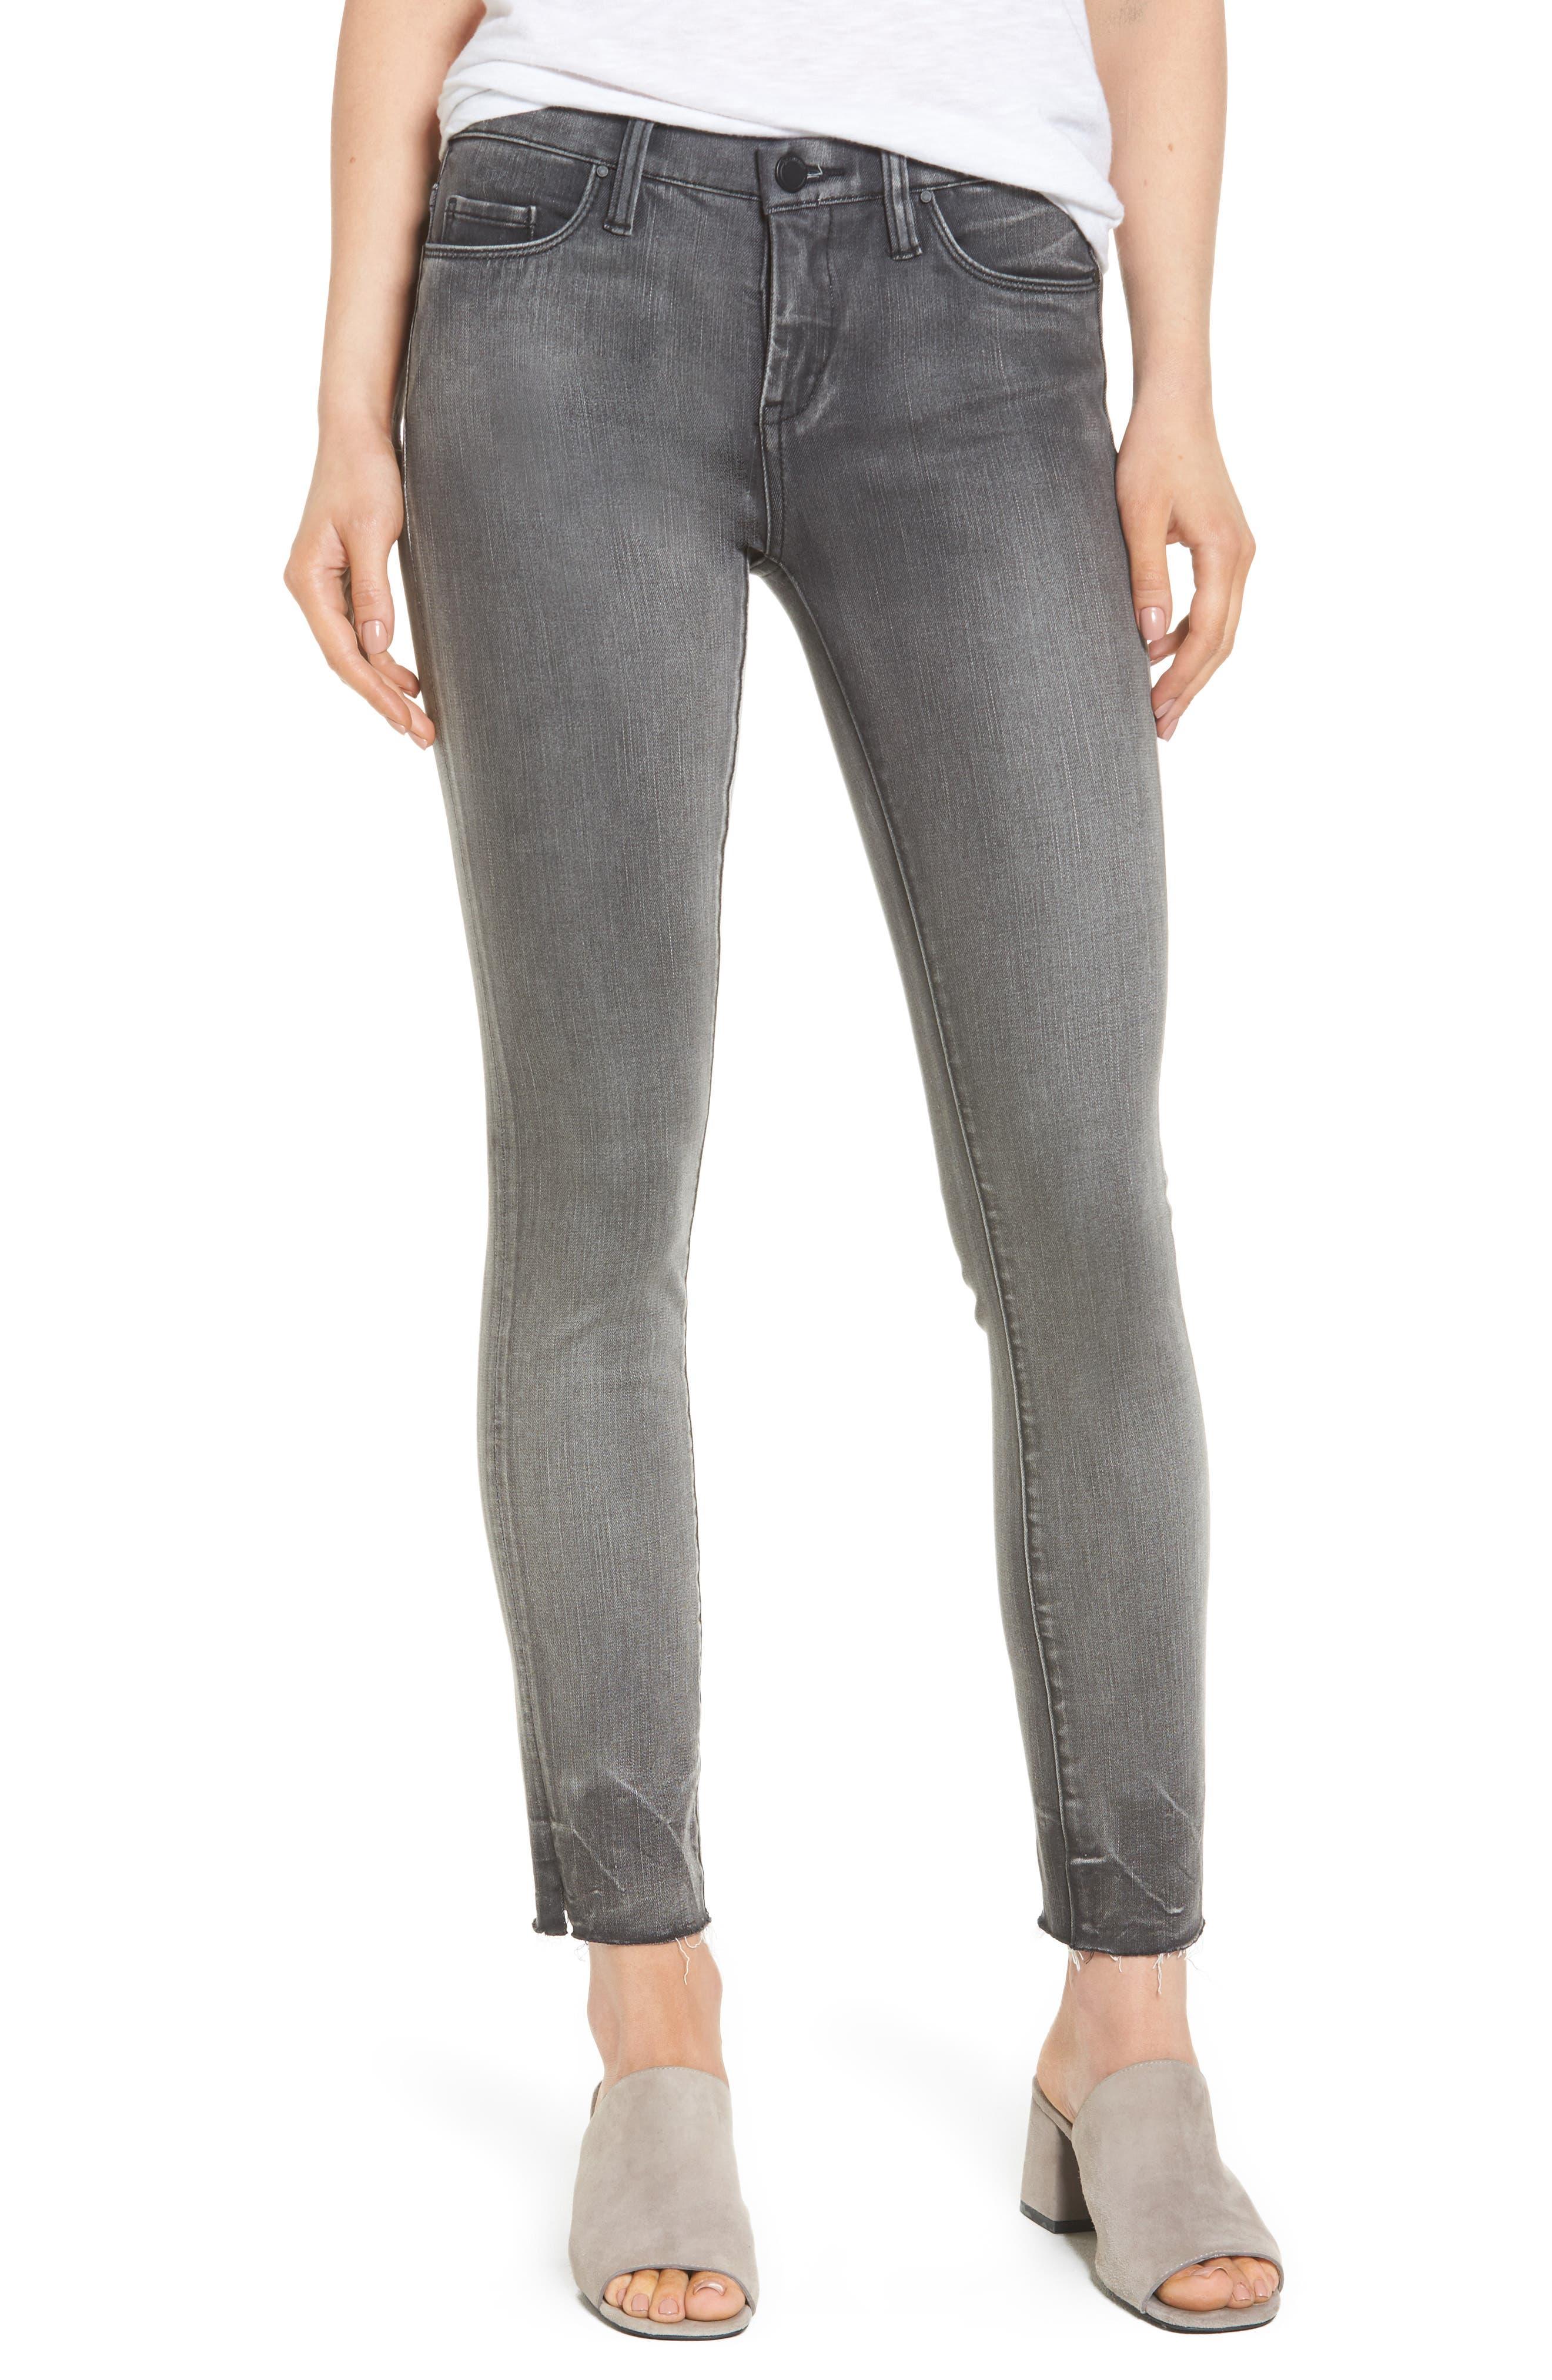 Alternate Image 1 Selected - BLANKNYC Skinny Jeans (Black Metal Dahlia)